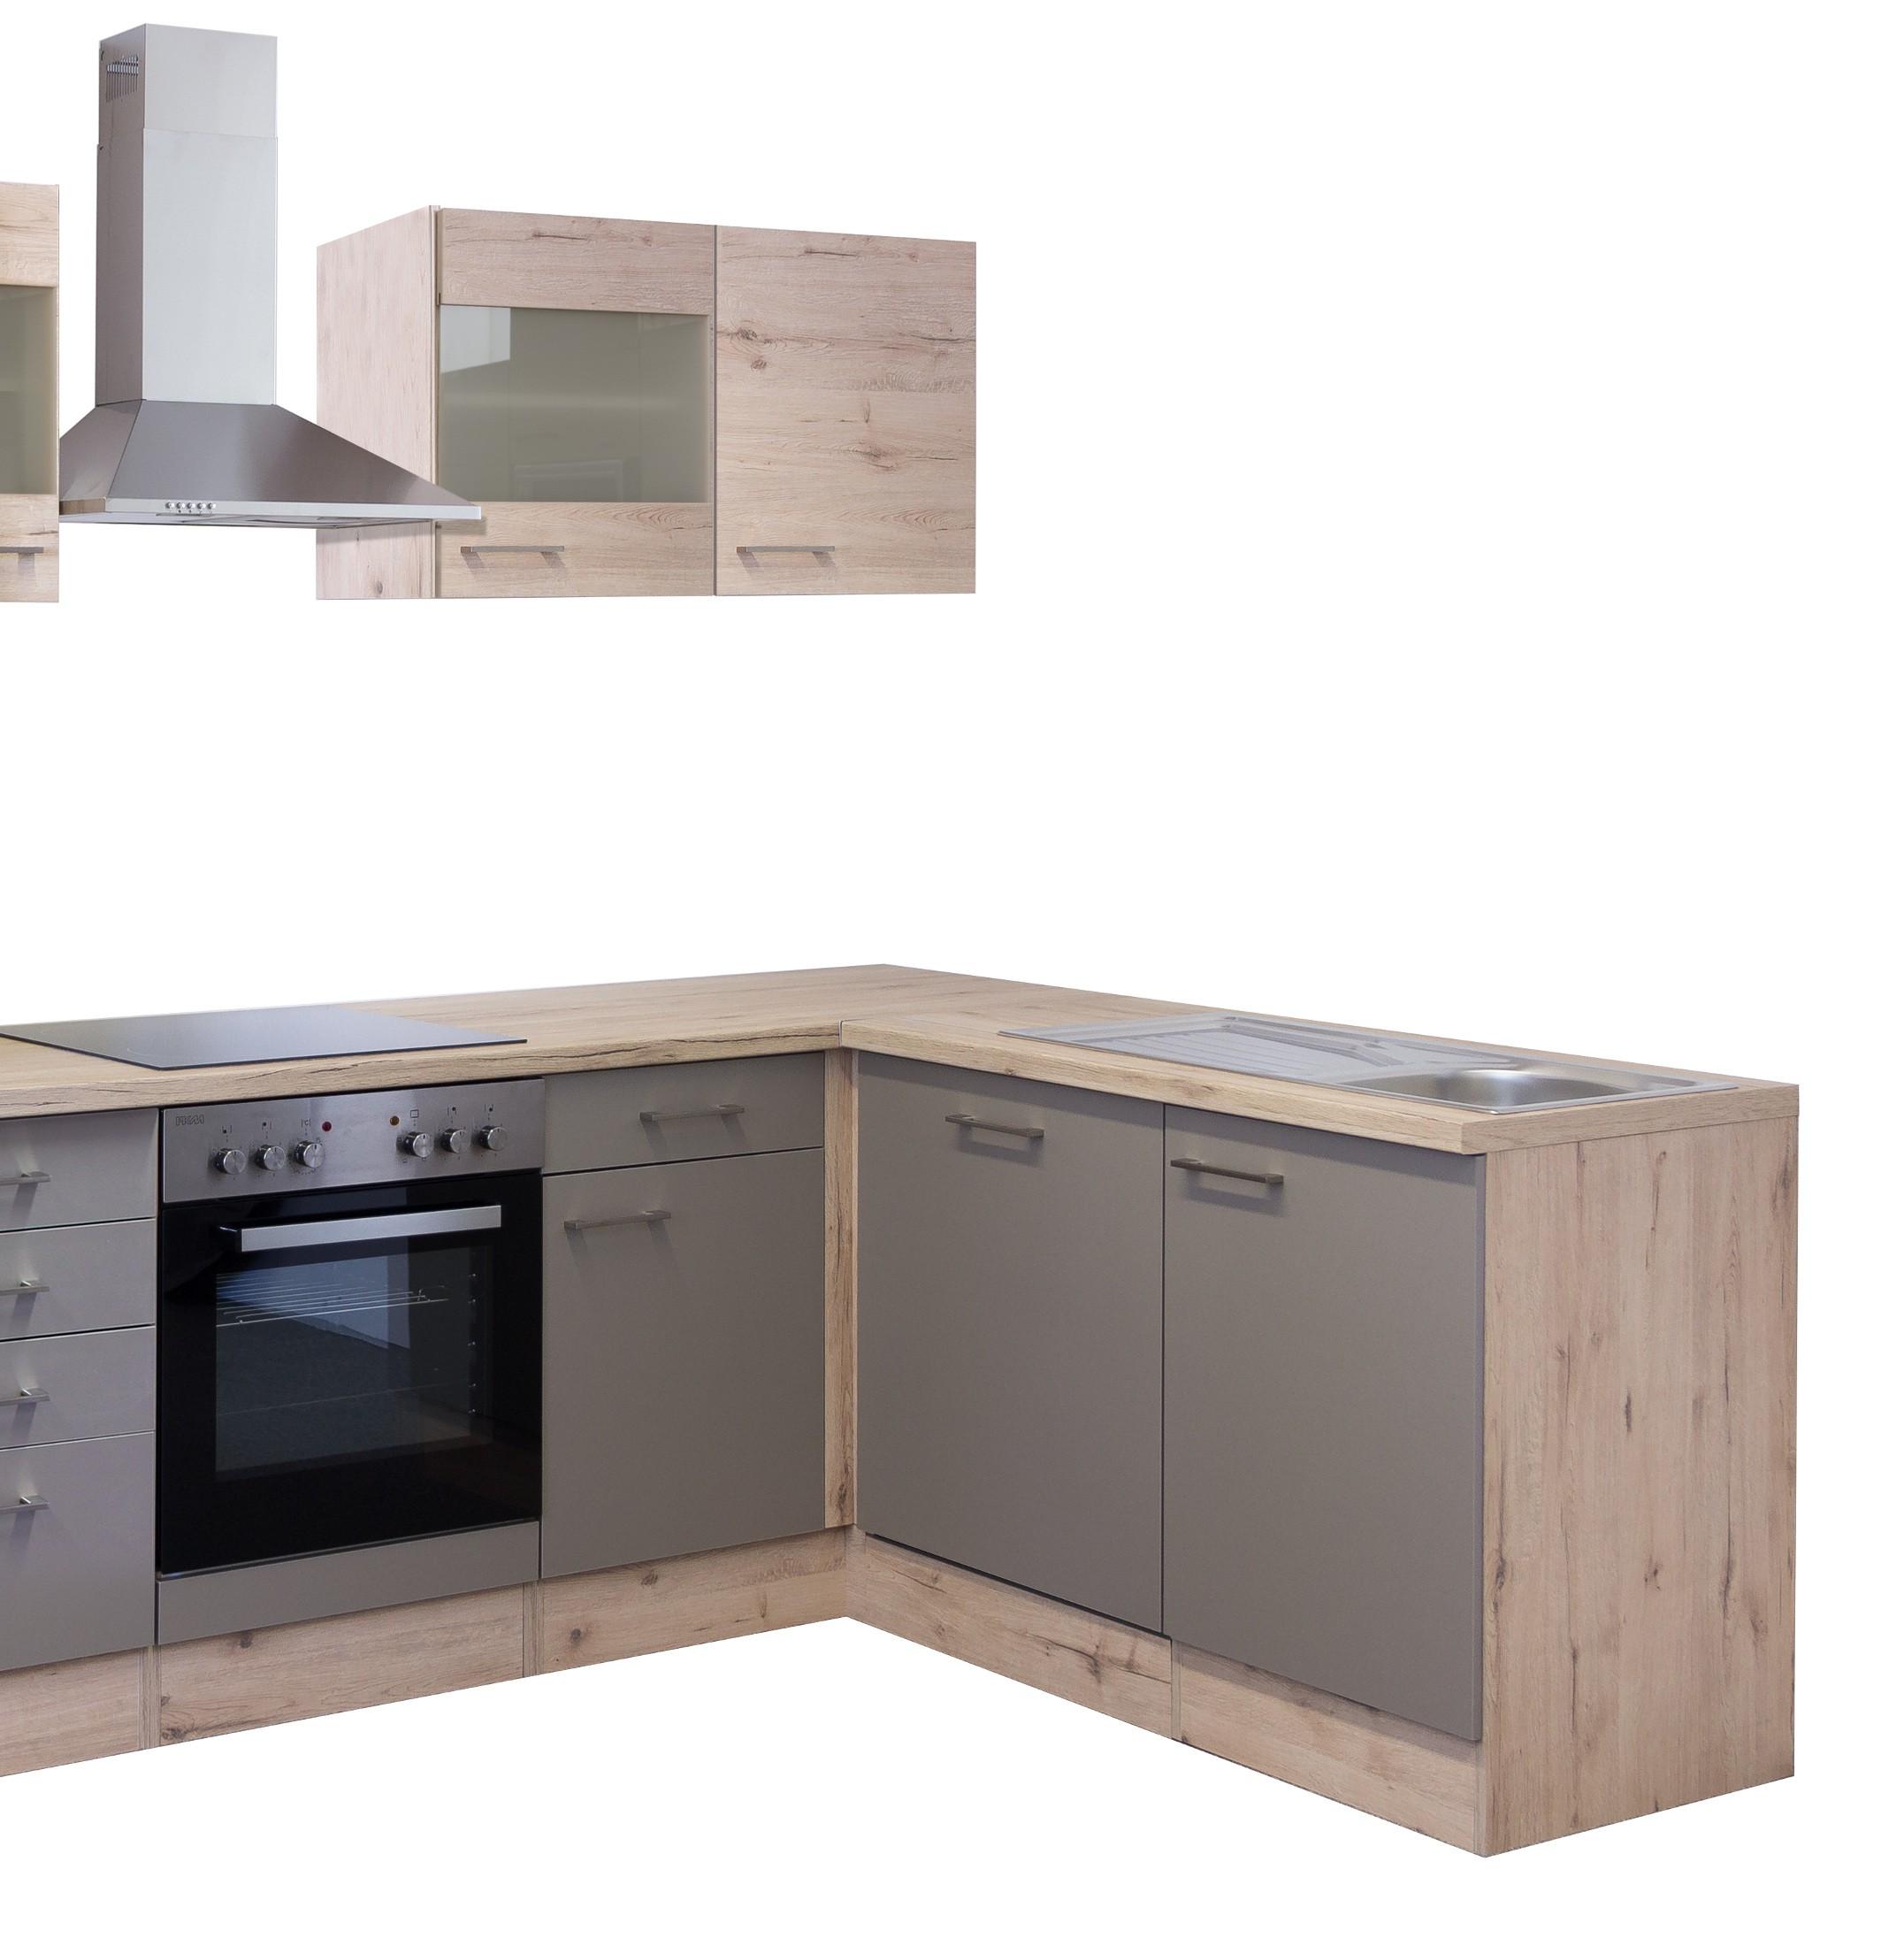 Eckküche RIVA - Küche mit E-Geräten - Breite 280 x 170 cm - Bronze ...